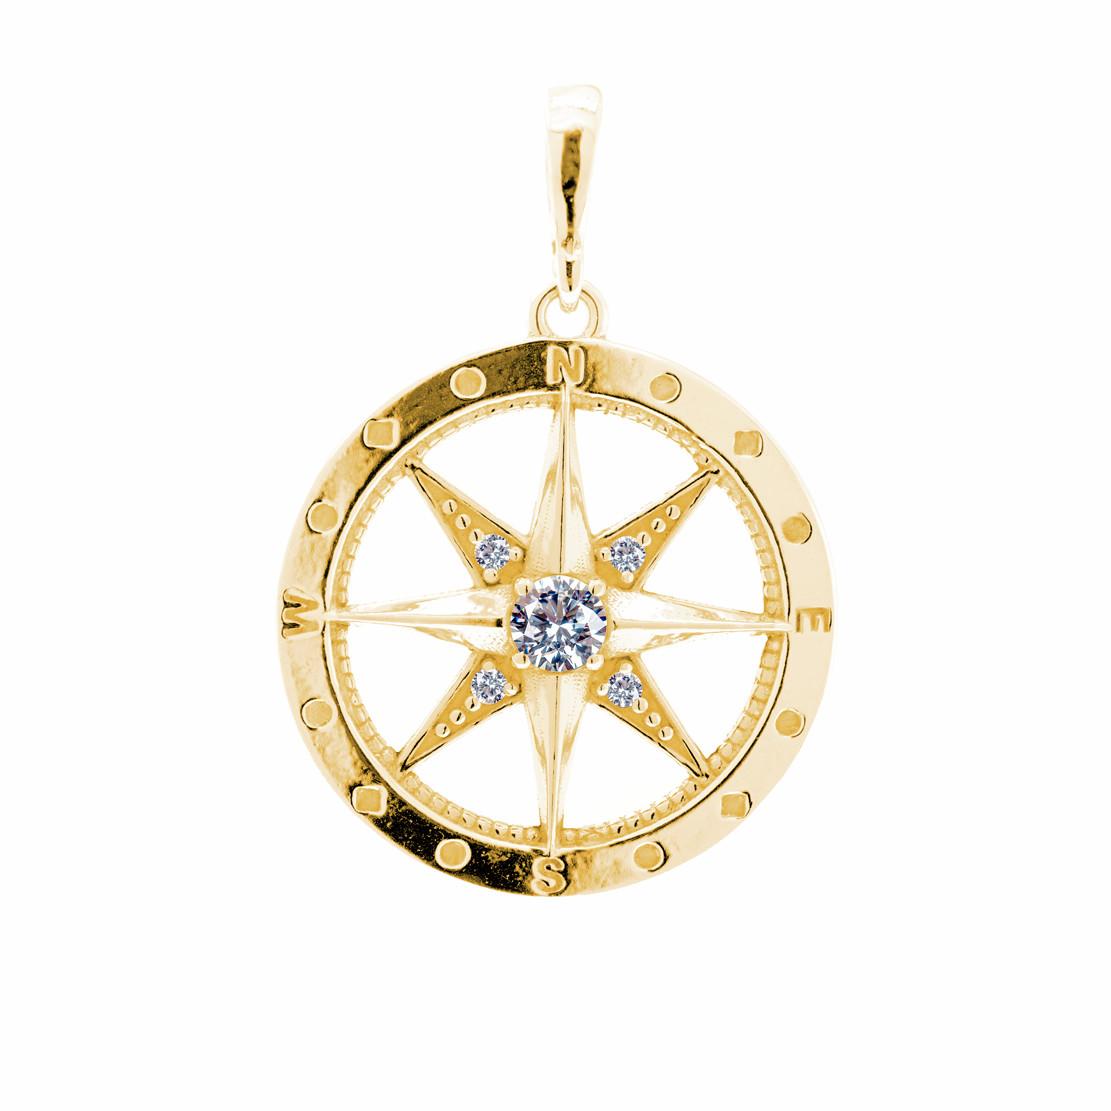 Zlatý přívěsek Kompas z kolekce Polárka